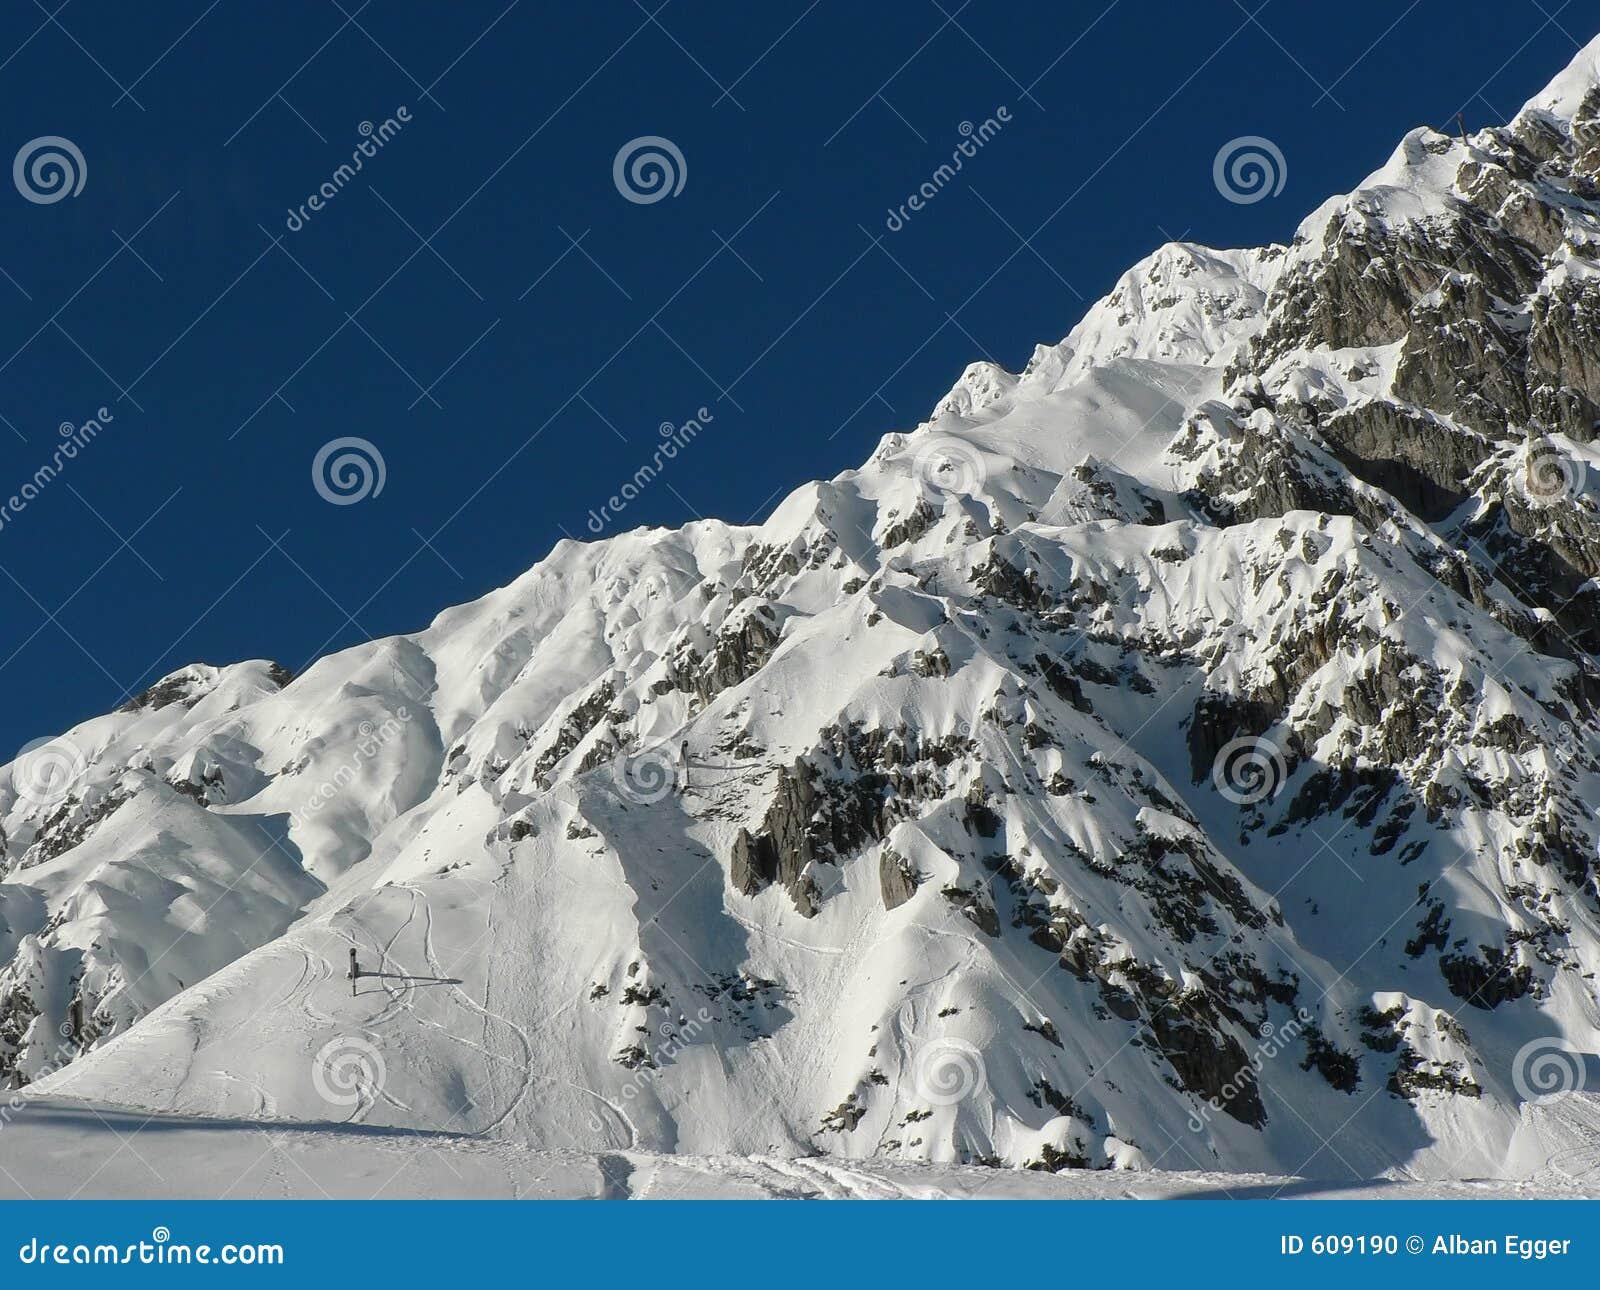 Ny skitrackssnow